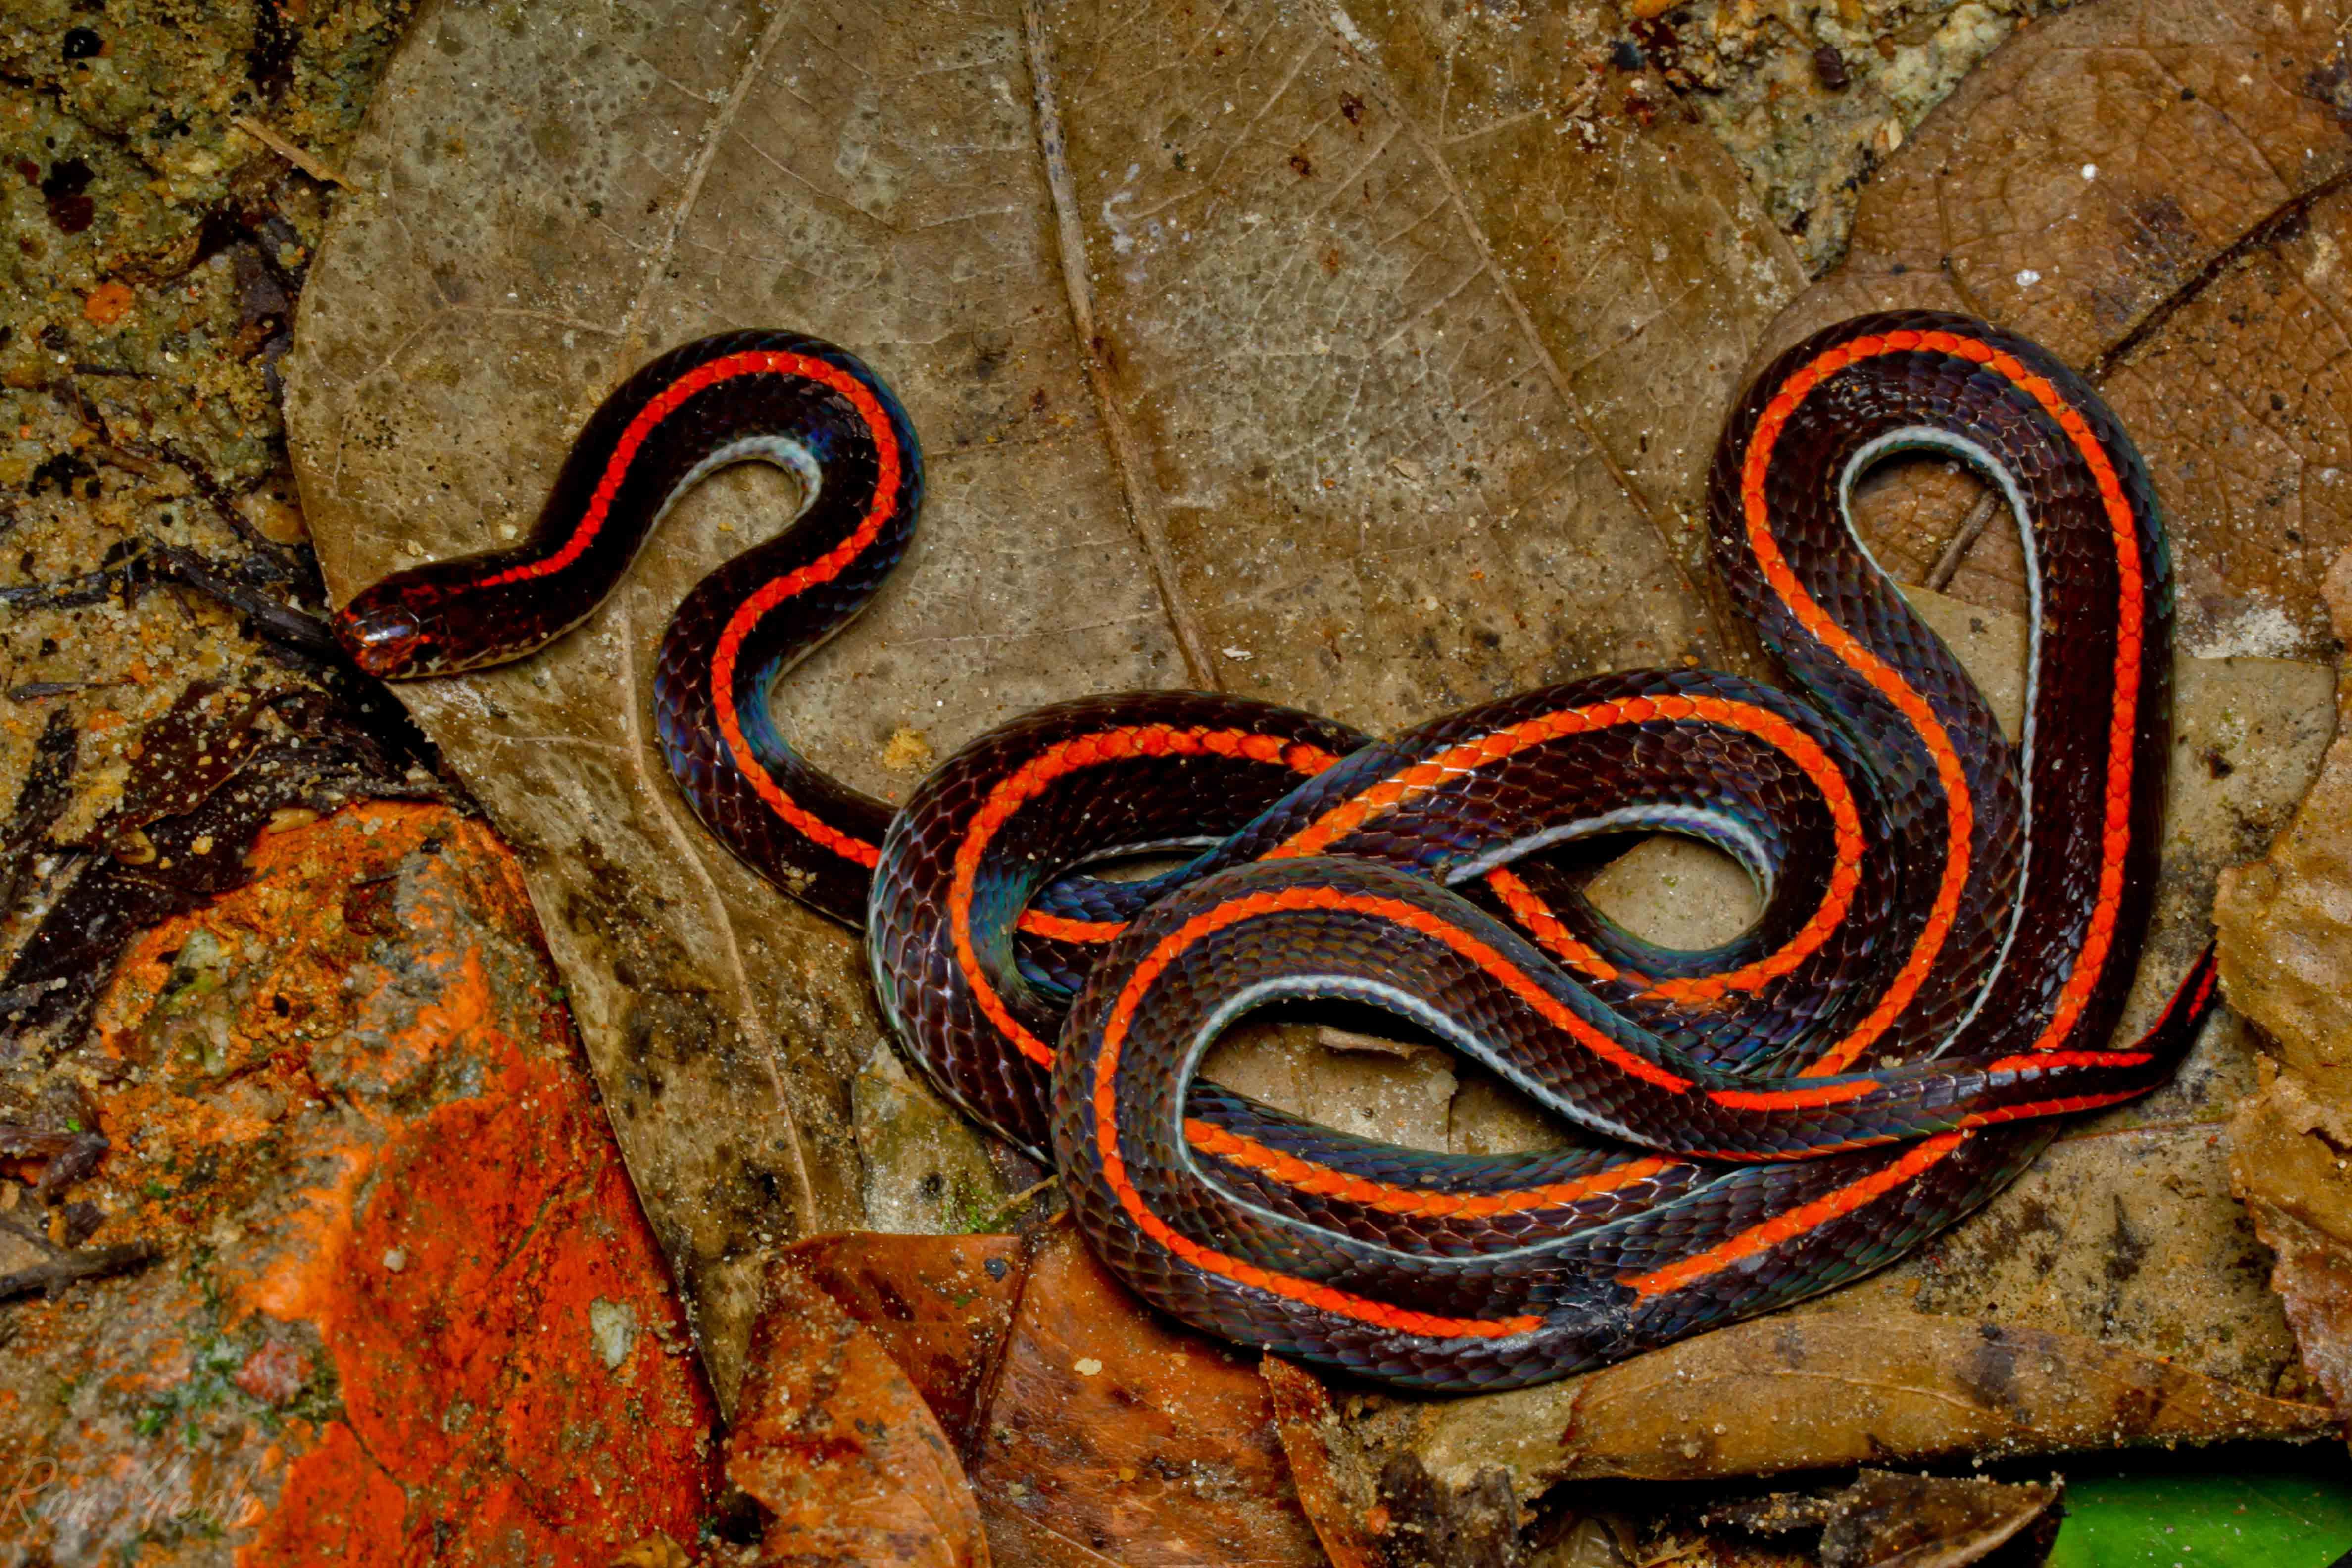 Змея в картинках породы